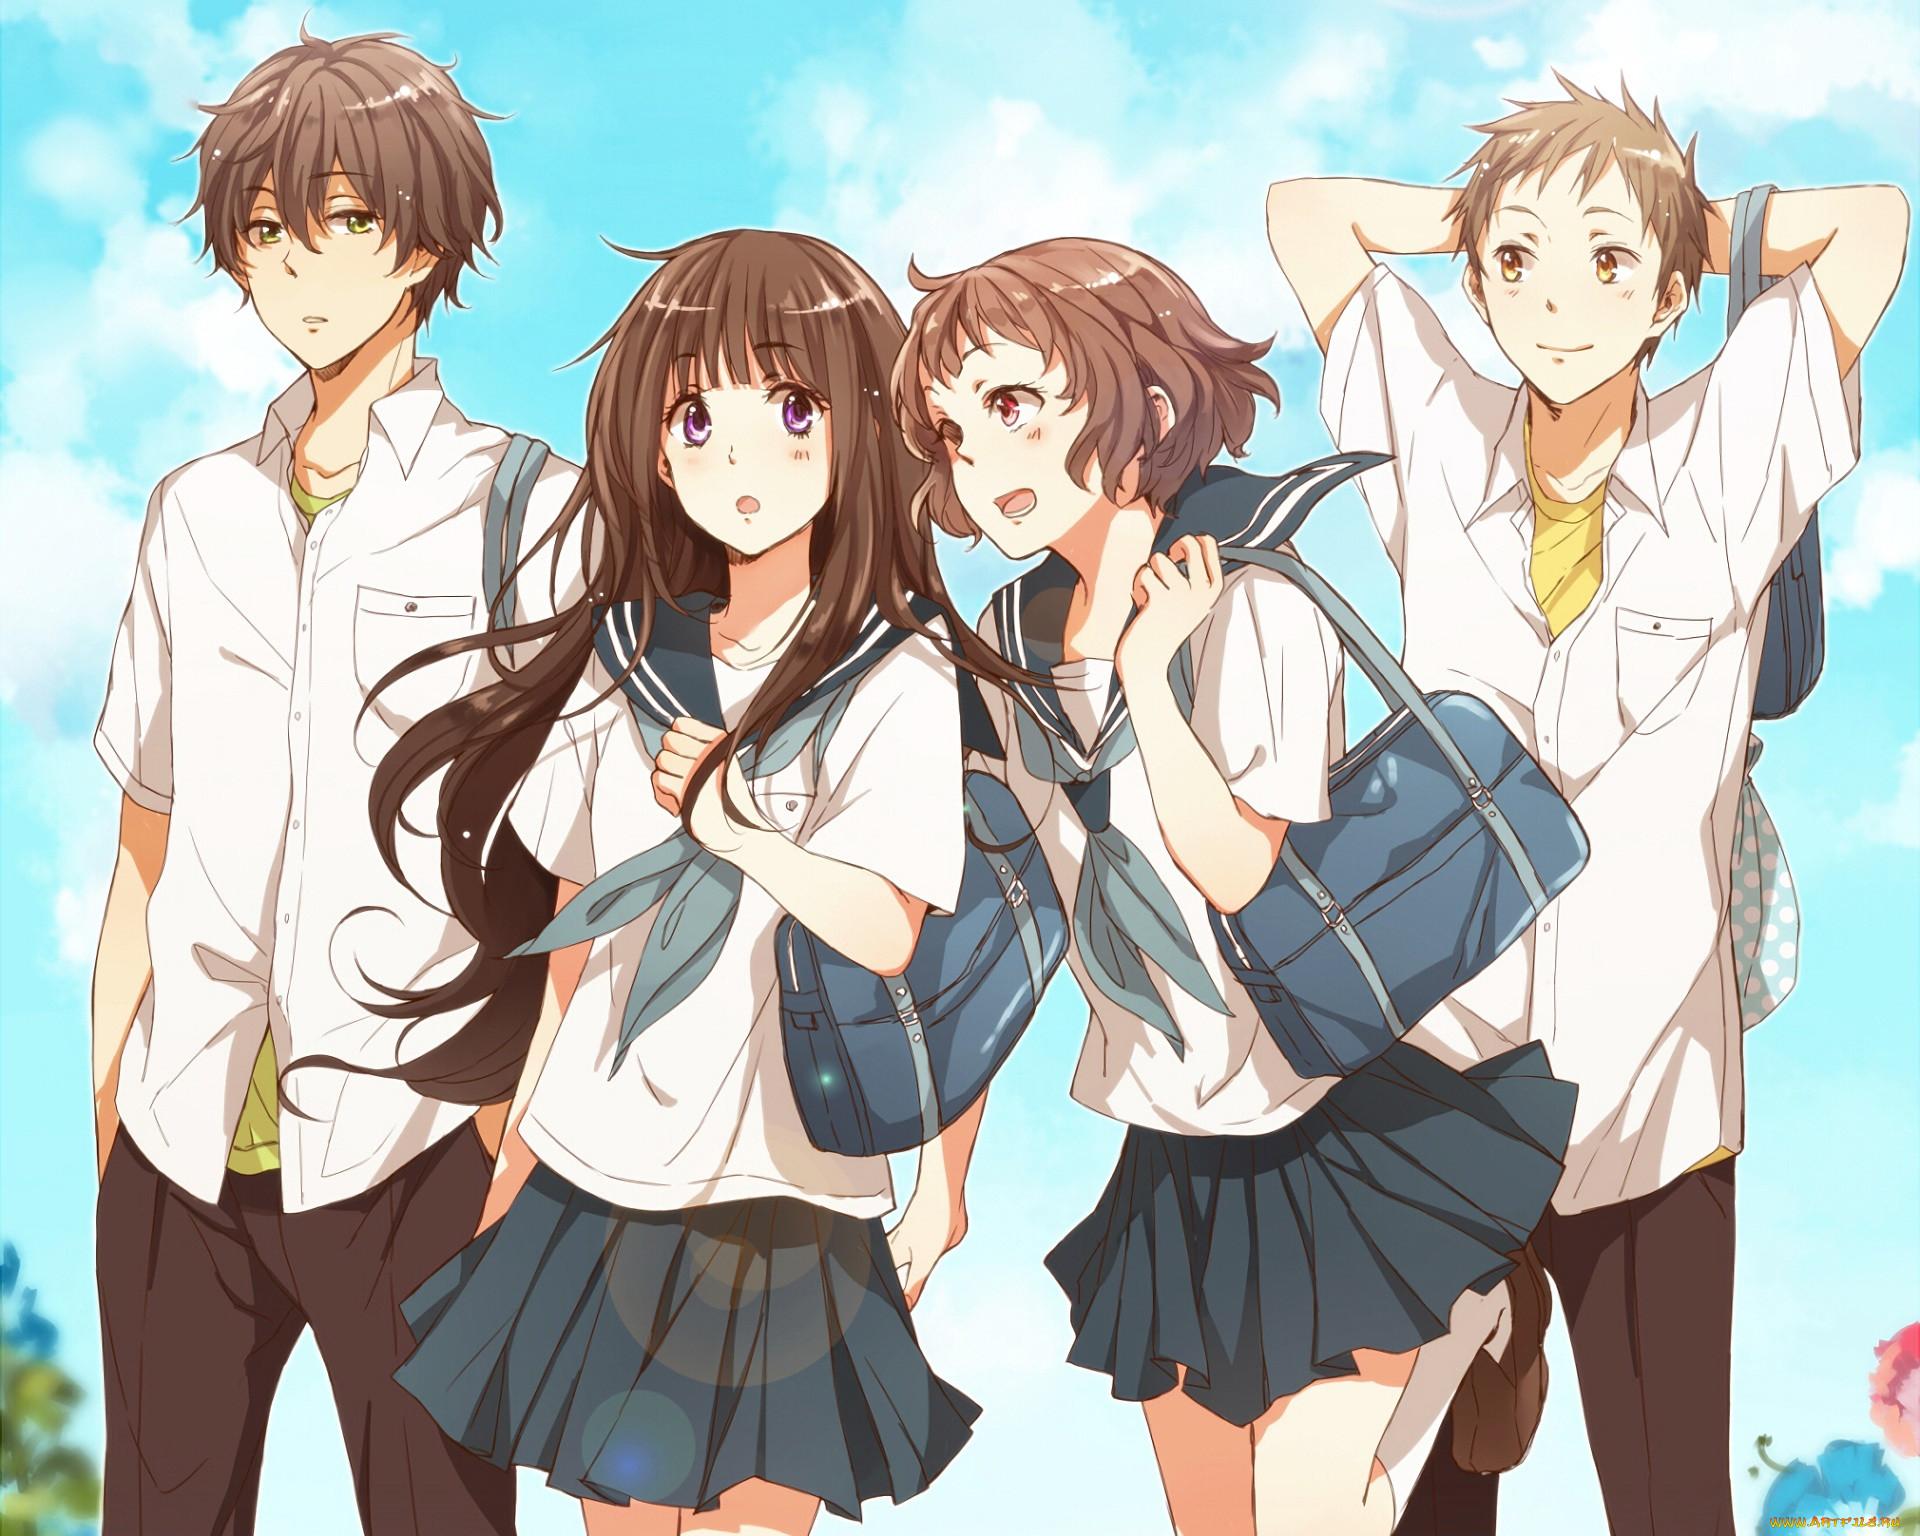 Две девочки аниме и мальчик